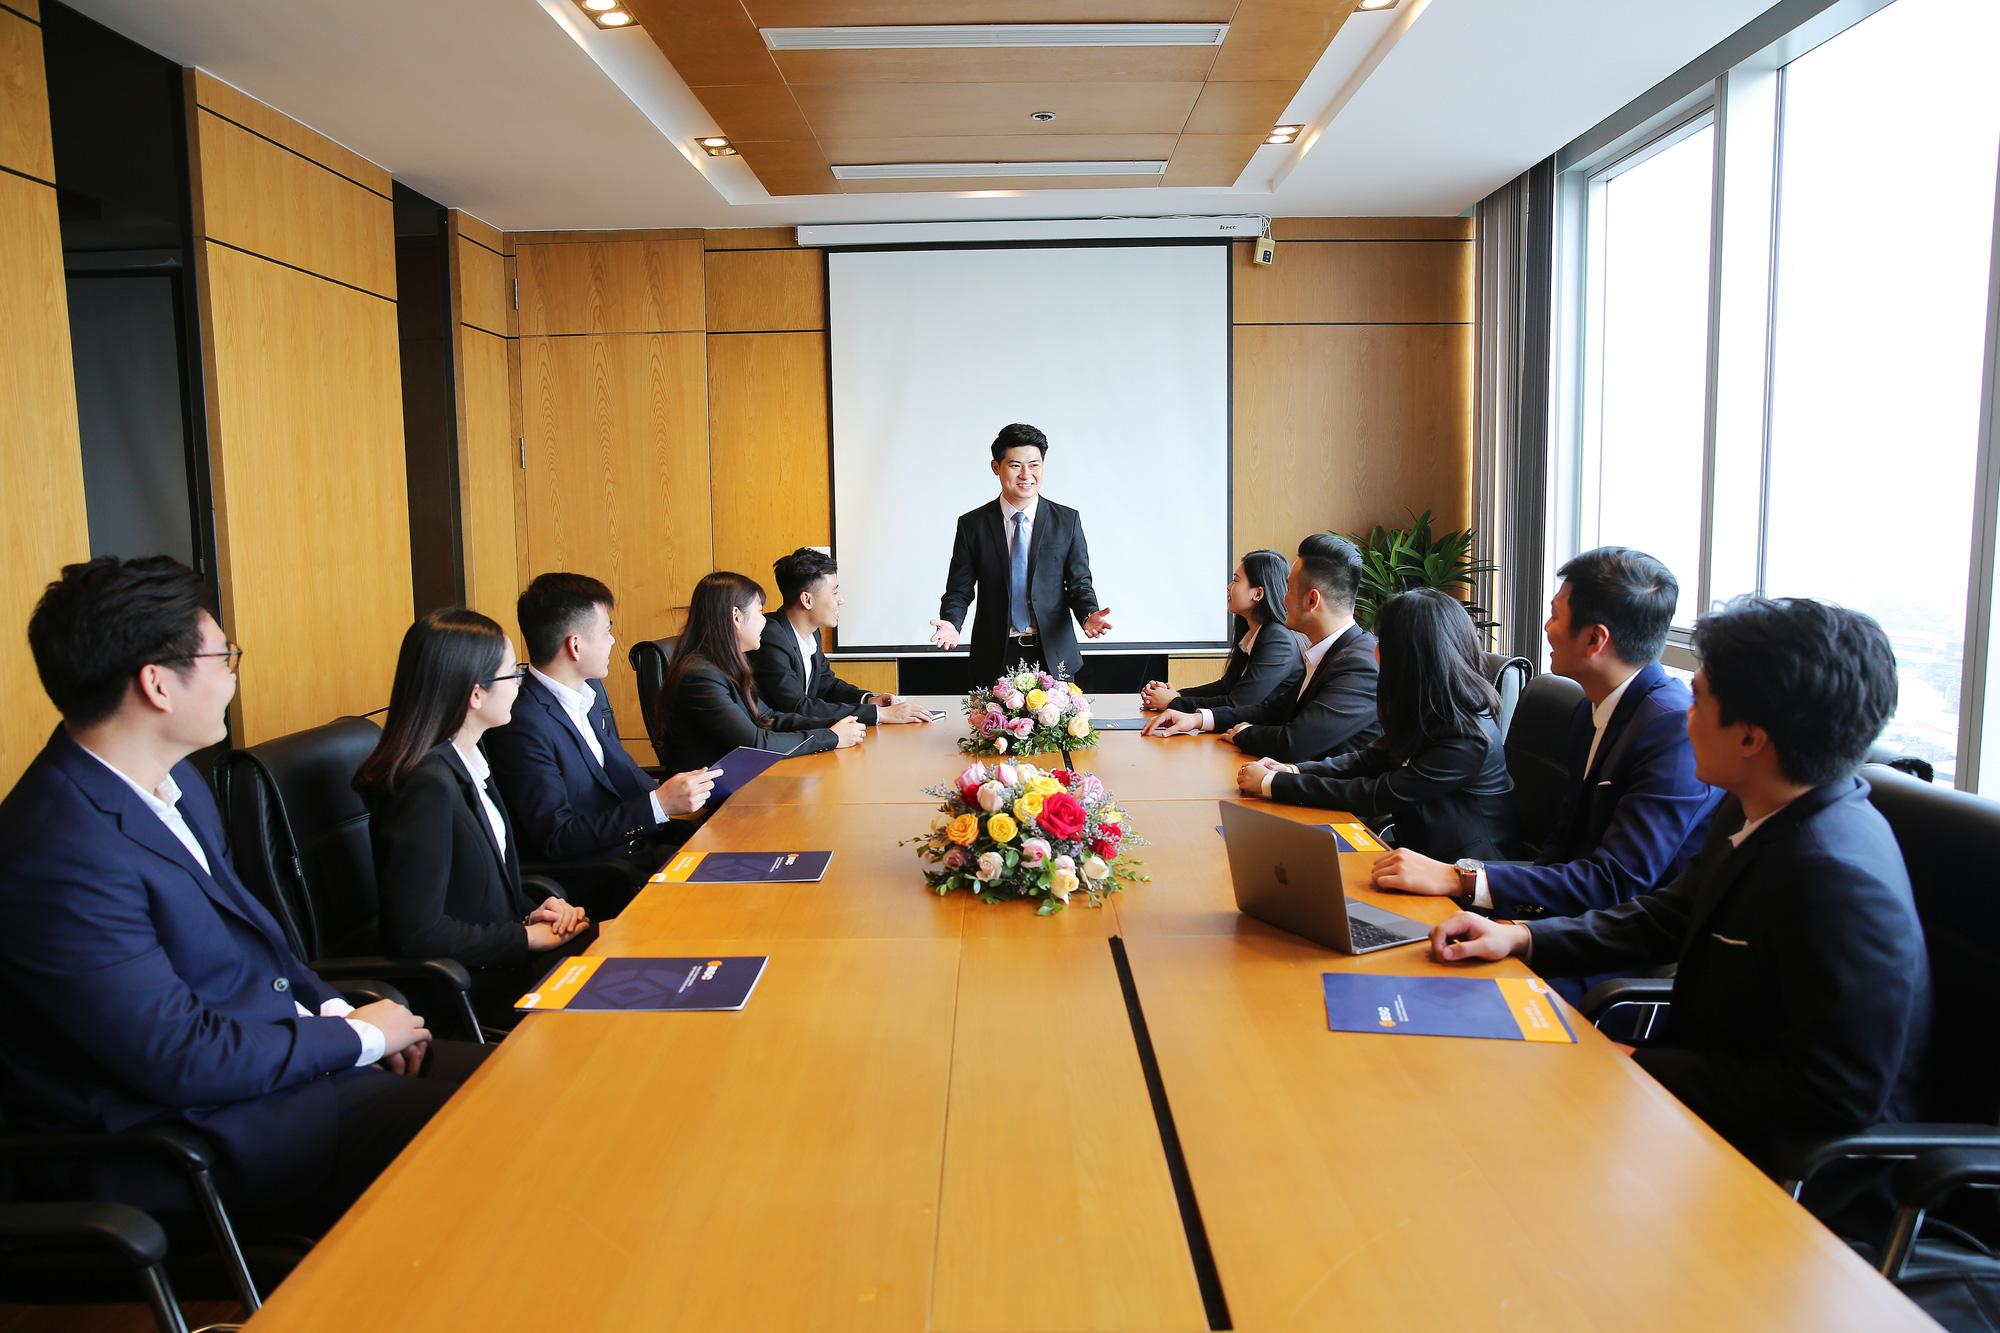 Công ty Chứng khoán BIDV (BSC) nghiên cứu phương án chuyển giao dịch cổ phiếu BSI từ HoSE sang HNX - Ảnh 1.